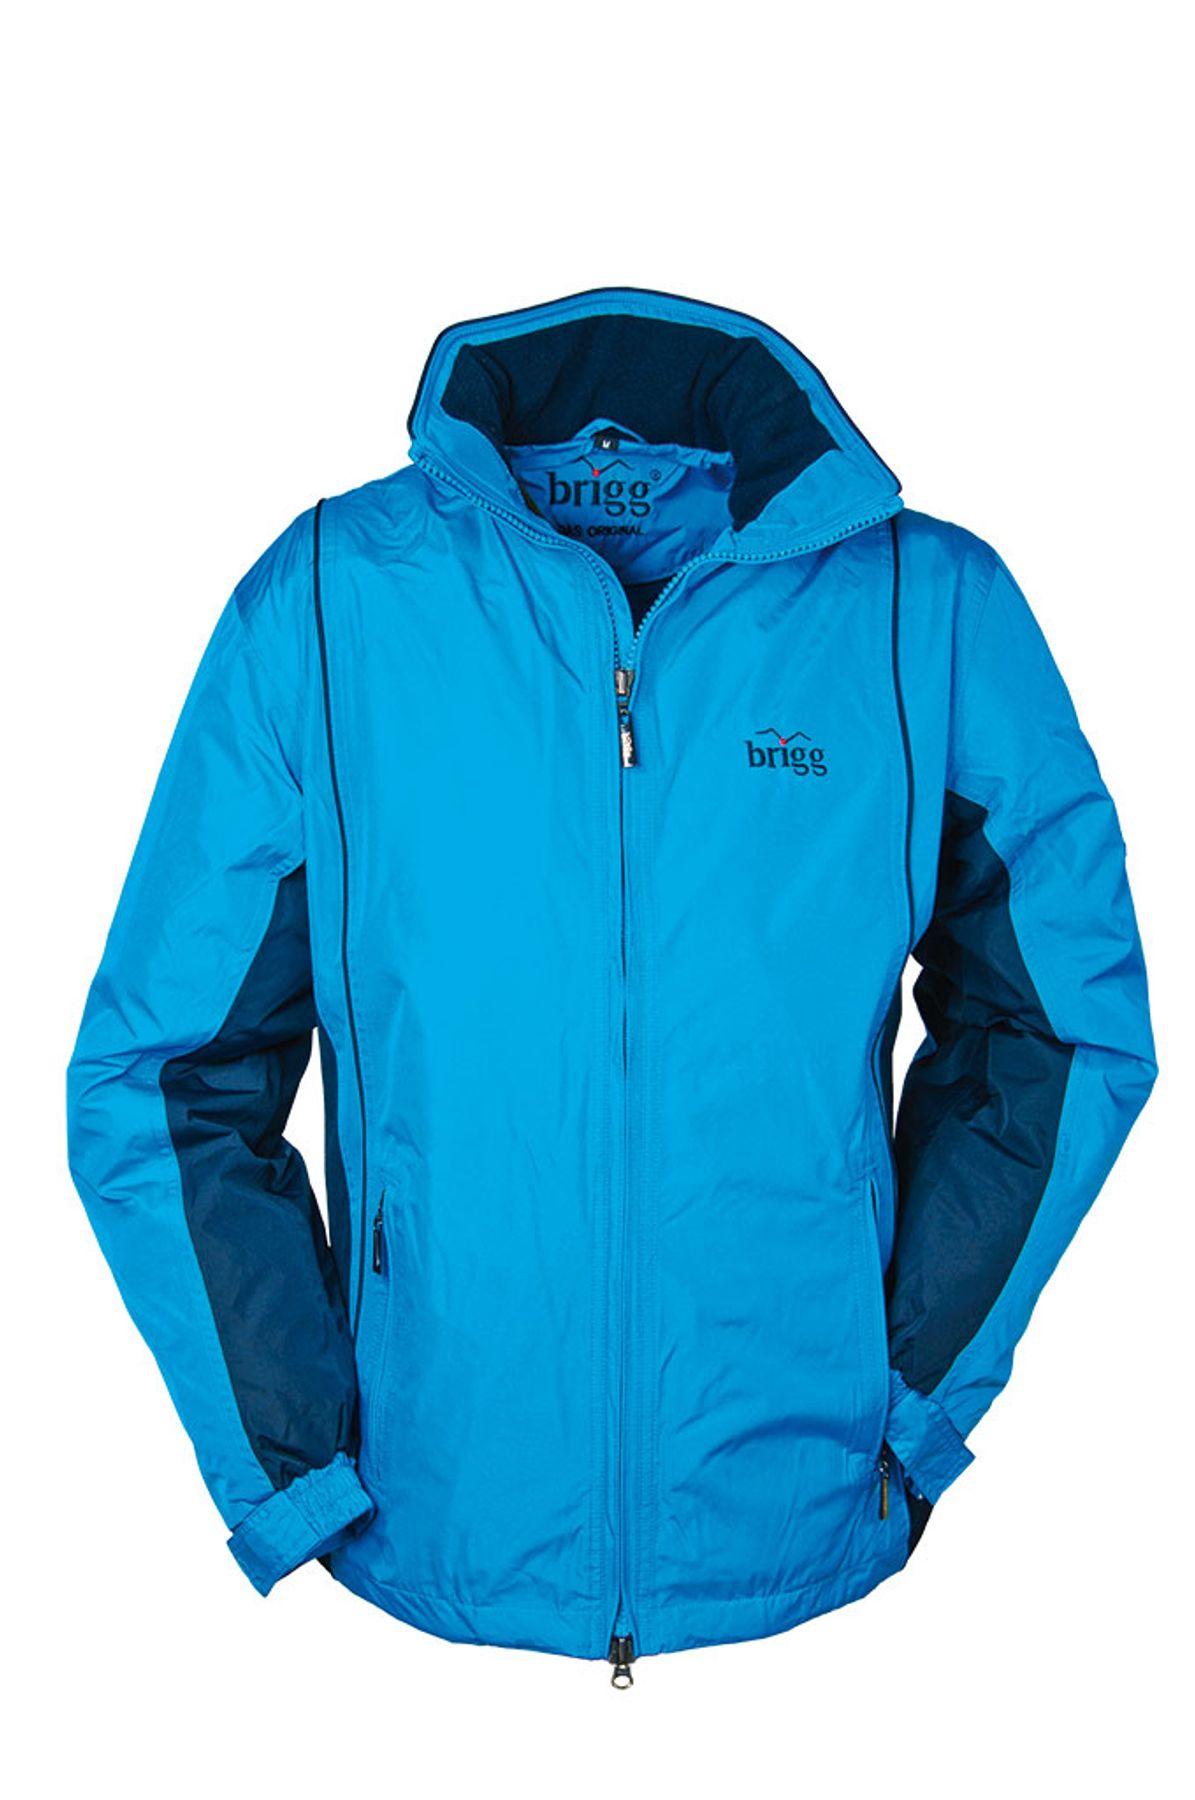 BRIGG - Unisex Funktions Jacke in diversen Farbvarianten, Wasserdicht, Atmungsaktiv, Winddicht, bis 10XL (10012001) – Bild 15